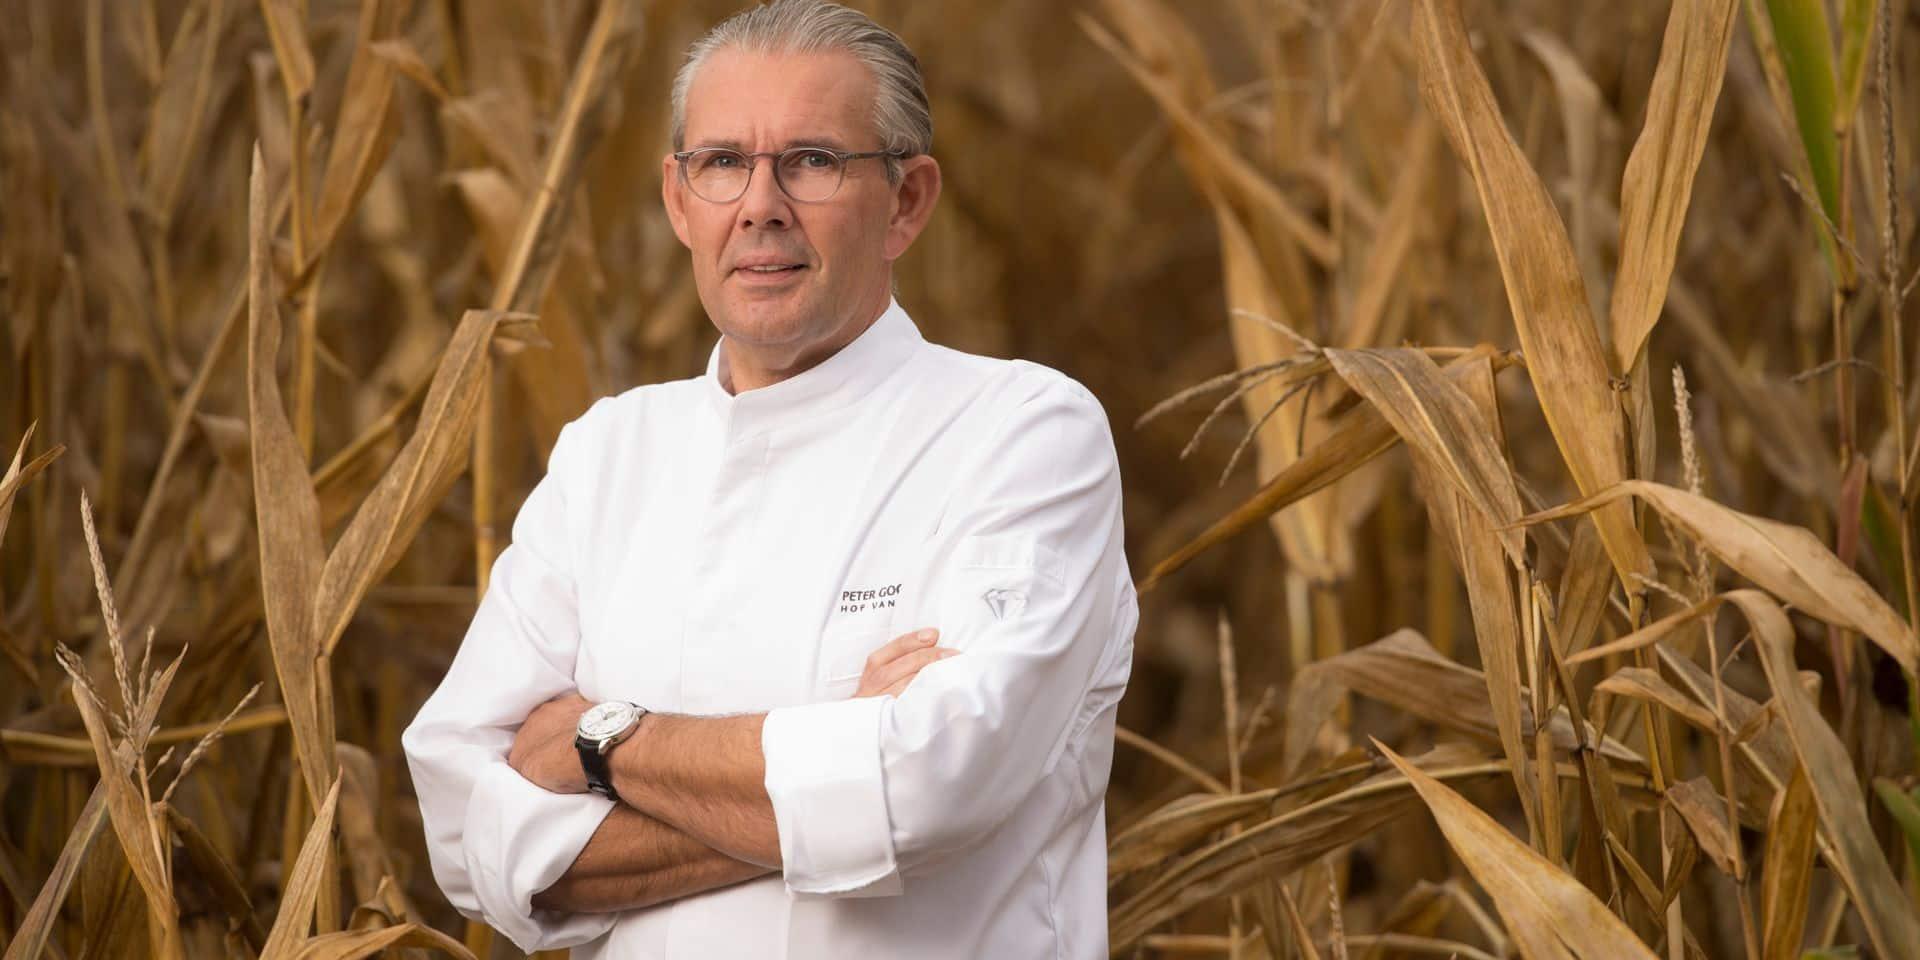 """Le """"Hof van Cleve"""" de Peter Goossens de retour parmi les 50 meilleurs restaurants du monde"""